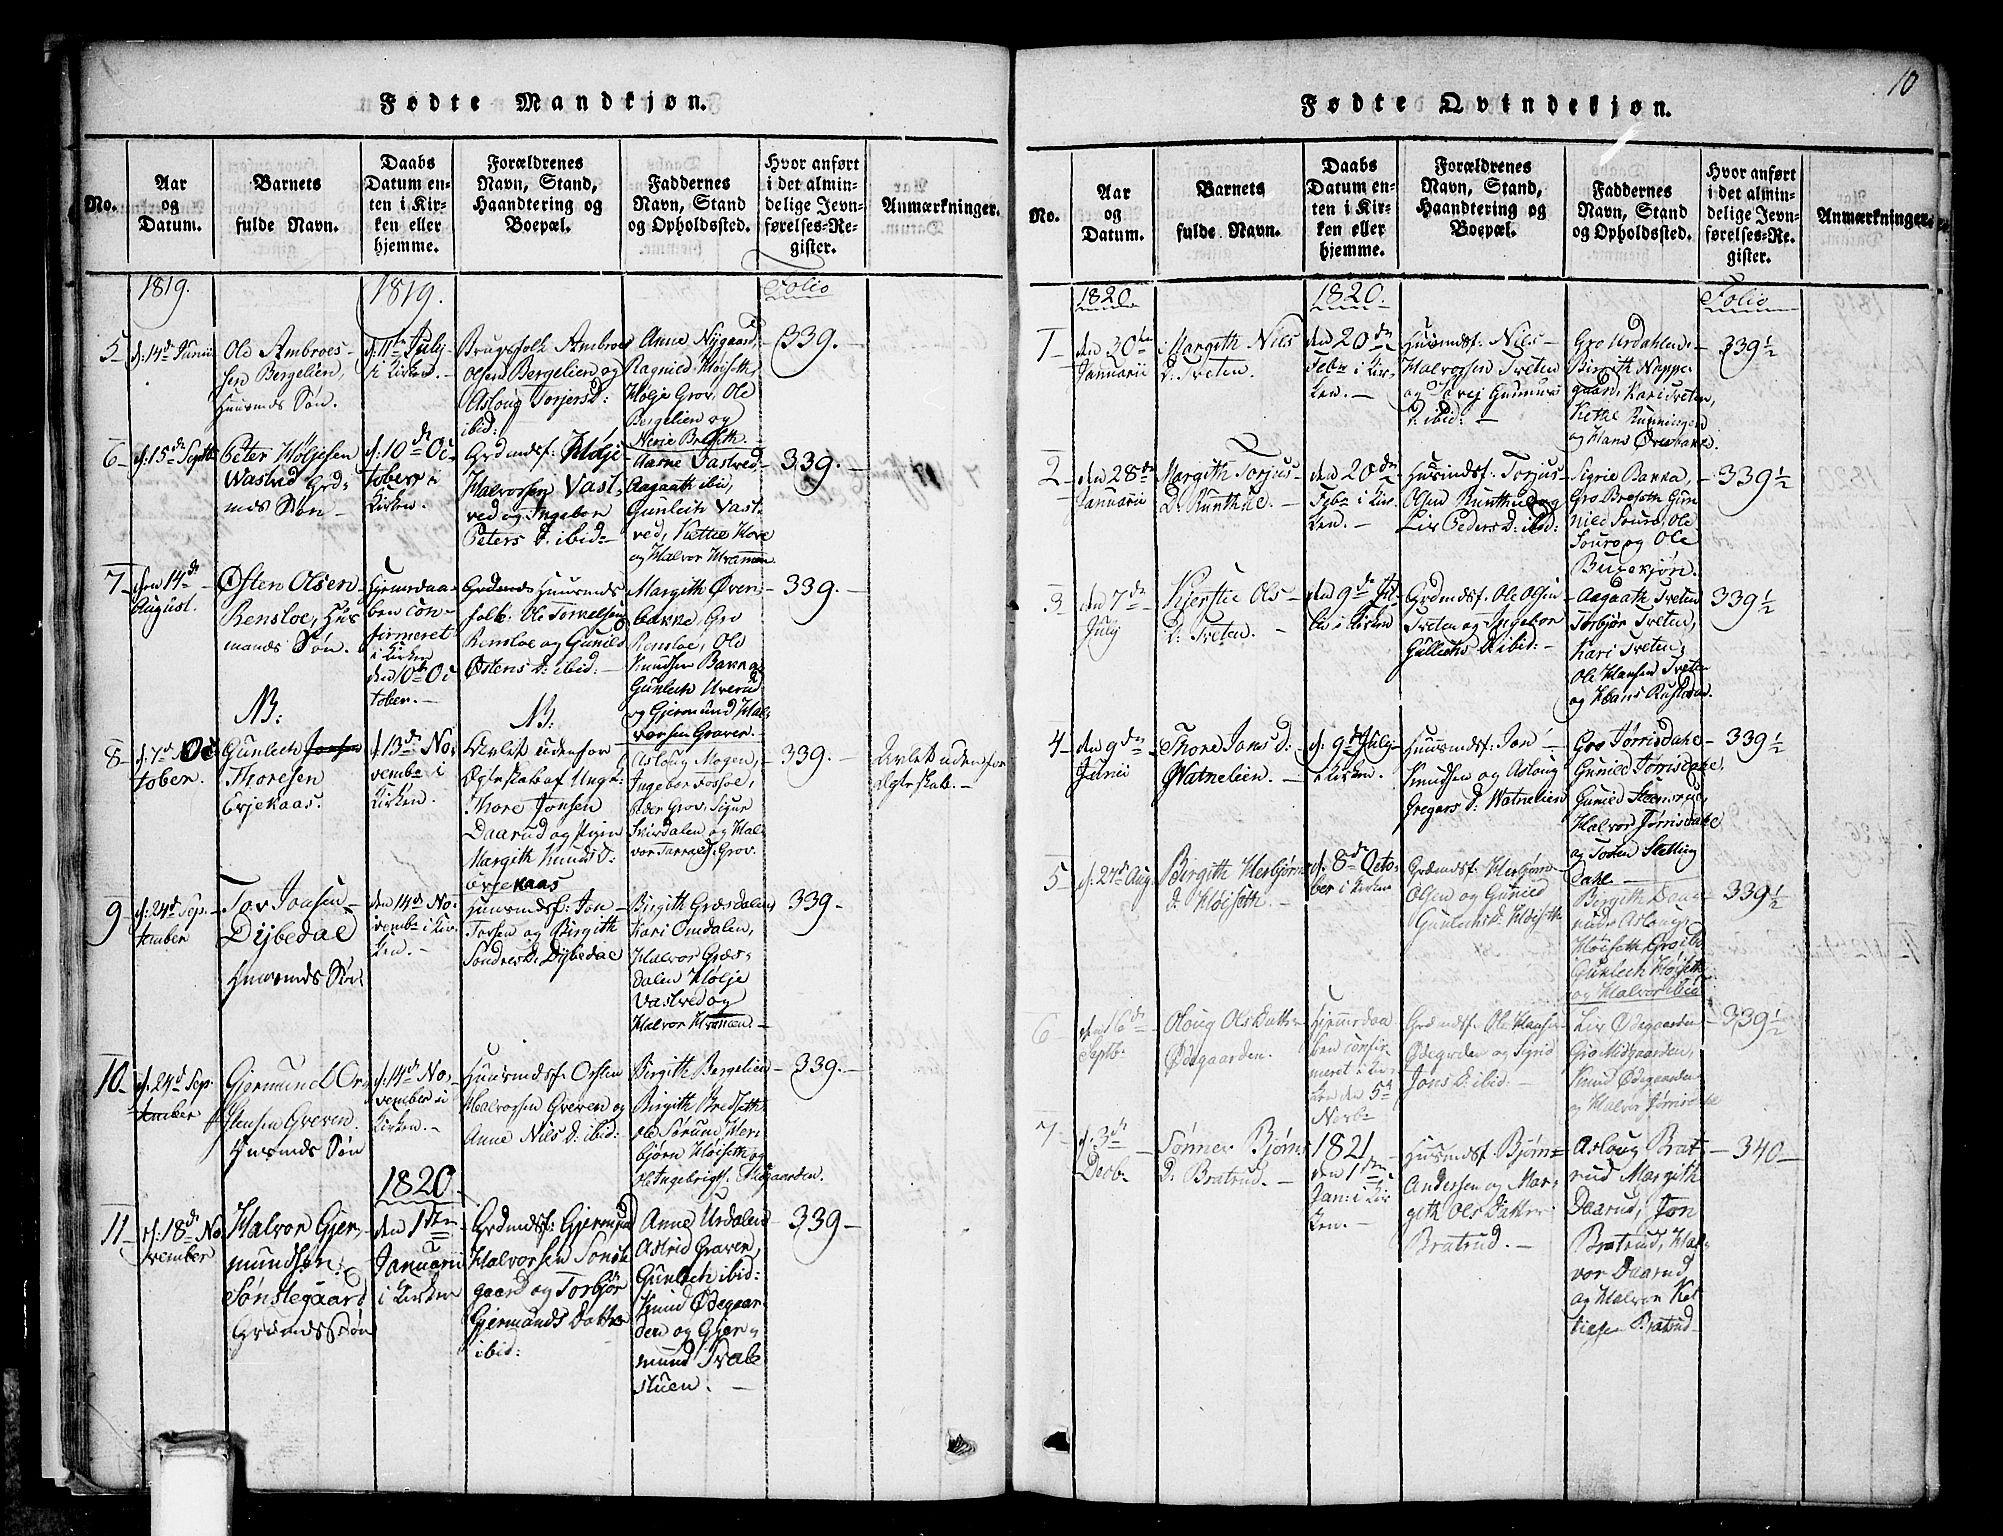 SAKO, Gransherad kirkebøker, G/Gb/L0001: Klokkerbok nr. II 1, 1815-1860, s. 10